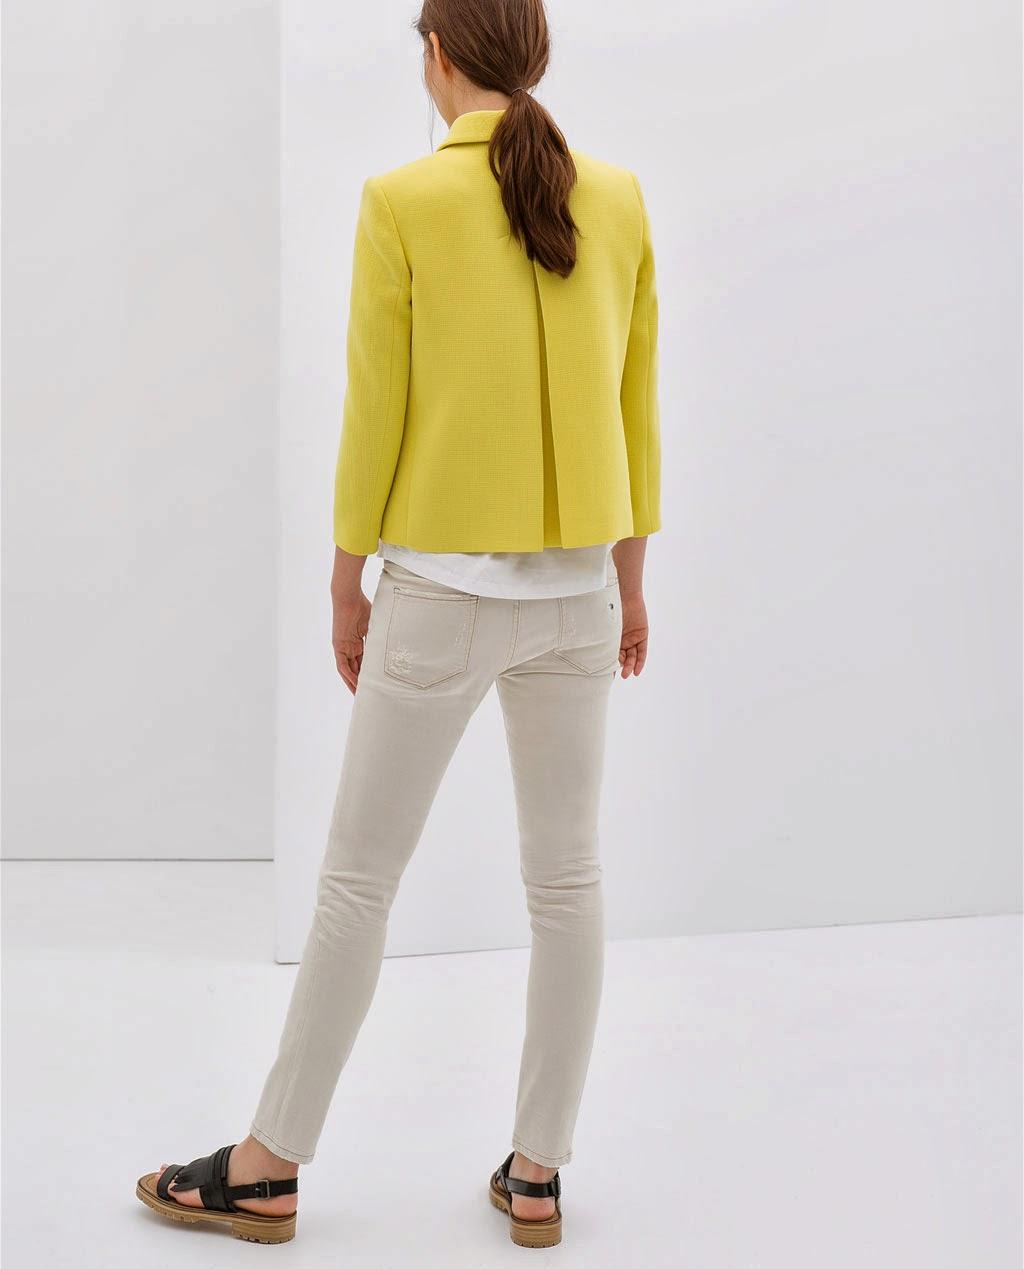 lemon drop Zara jacket cute back